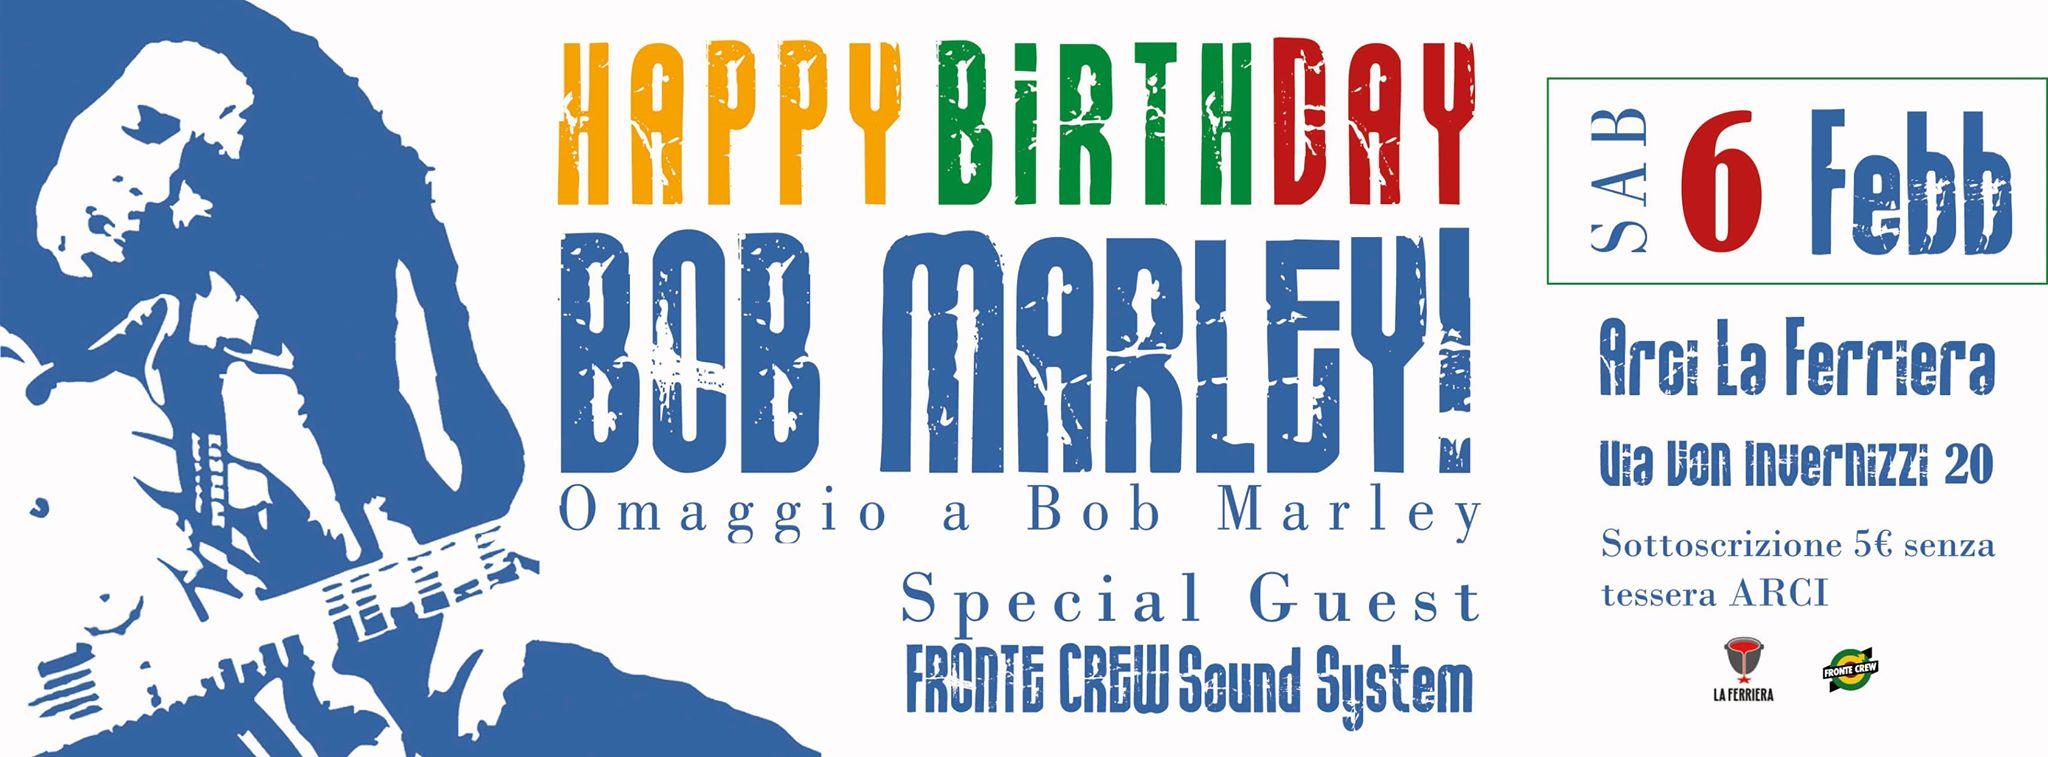 Omaggio a Bob Marley